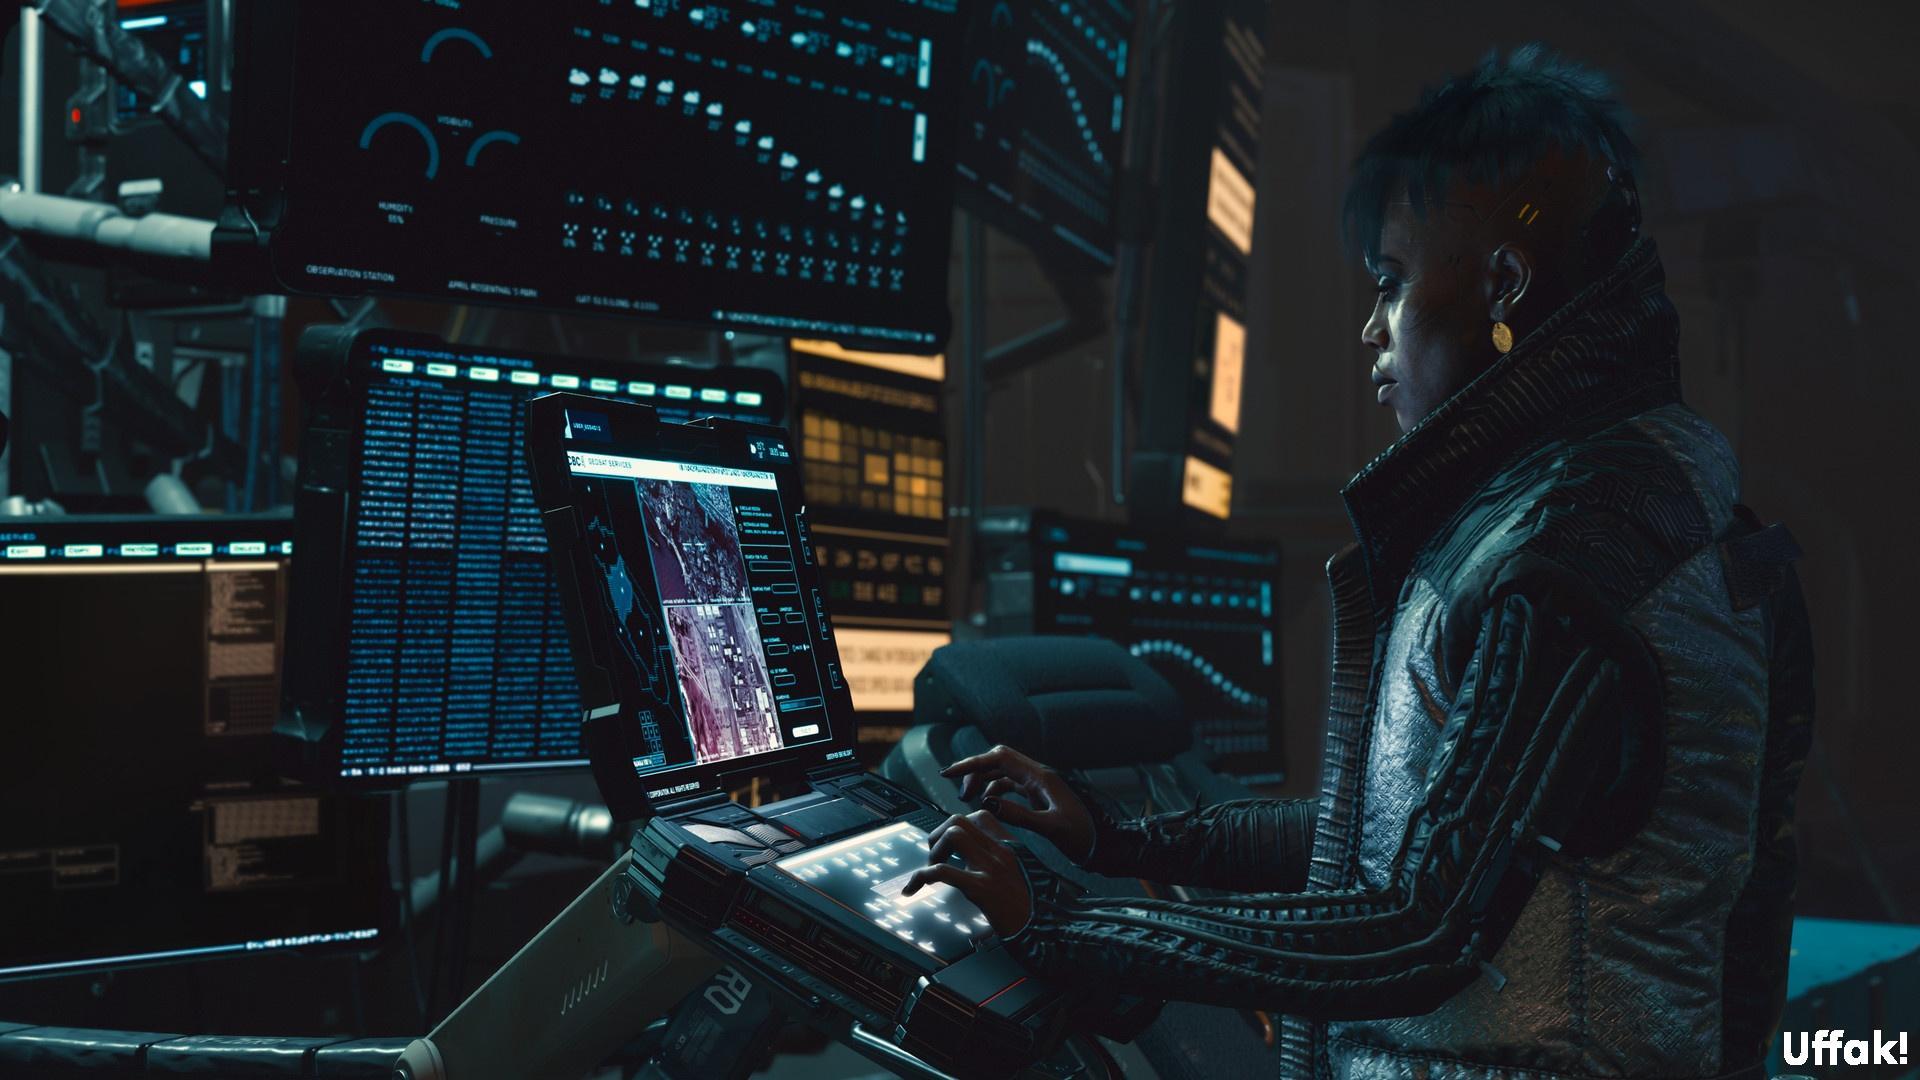 Cyberpunk 2077 Neden Beğenilmedi ve Bir Krize Dönüştü?